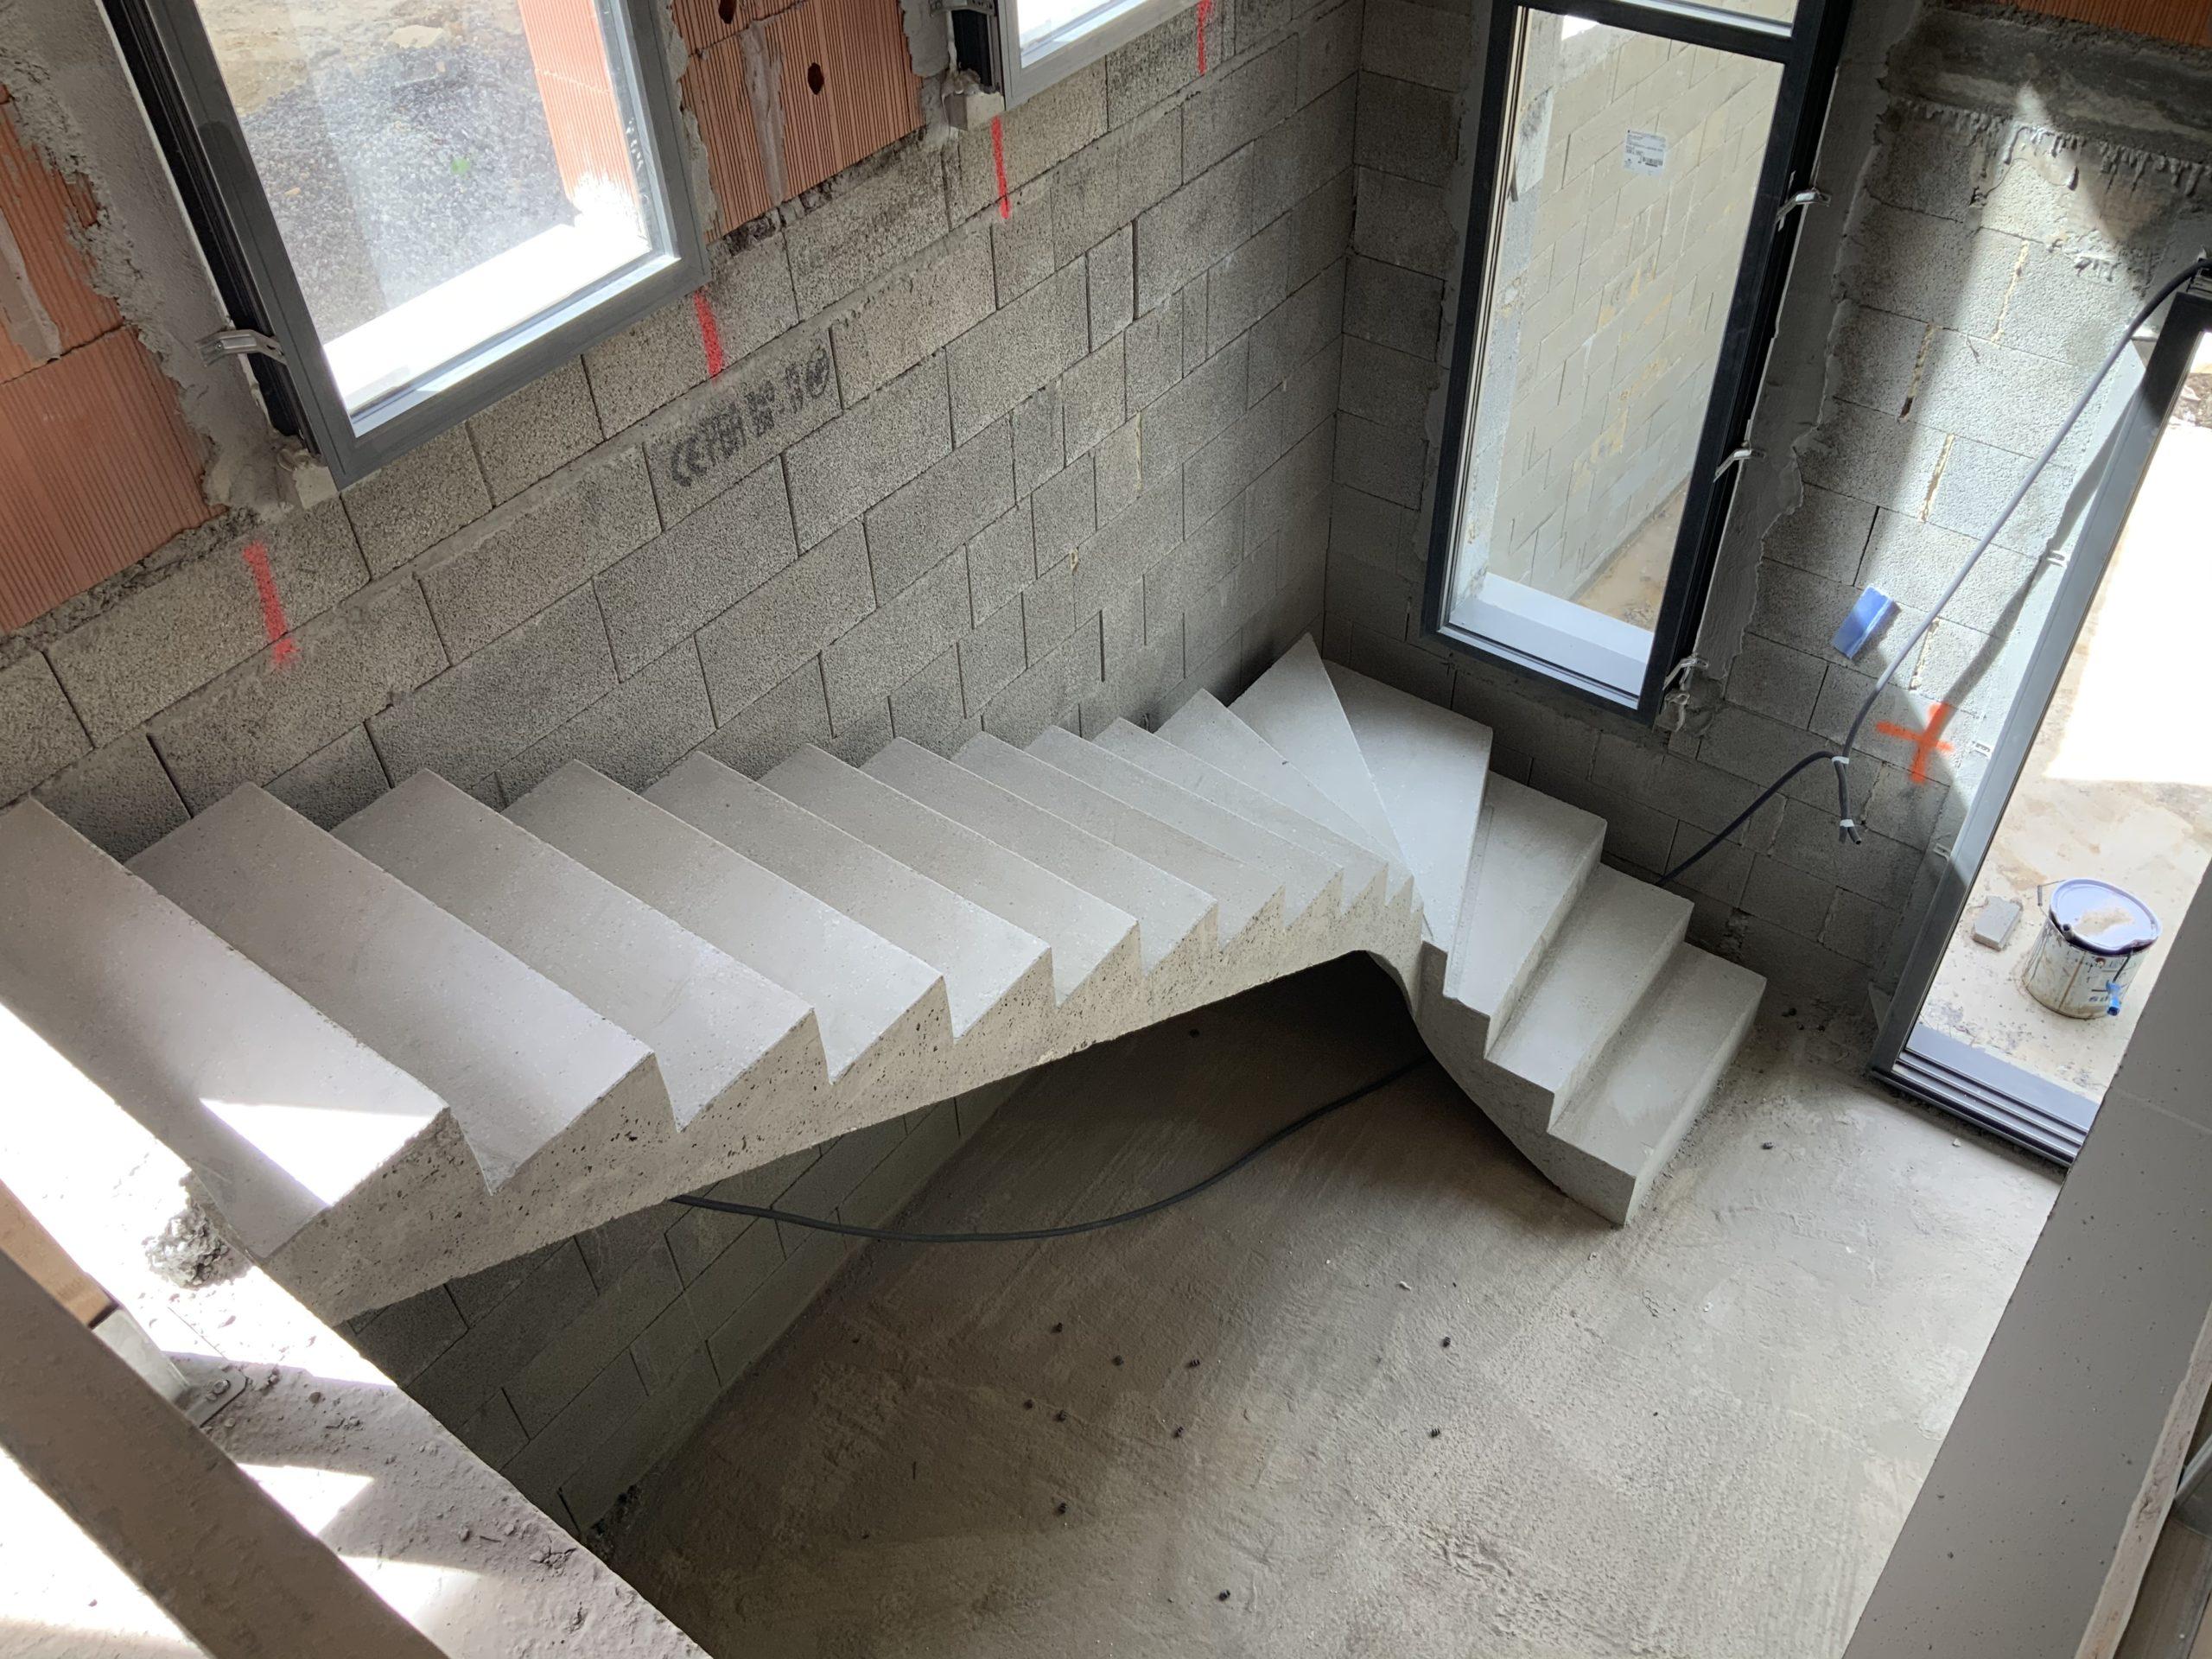 Escalier béton dans une maison à Ascain